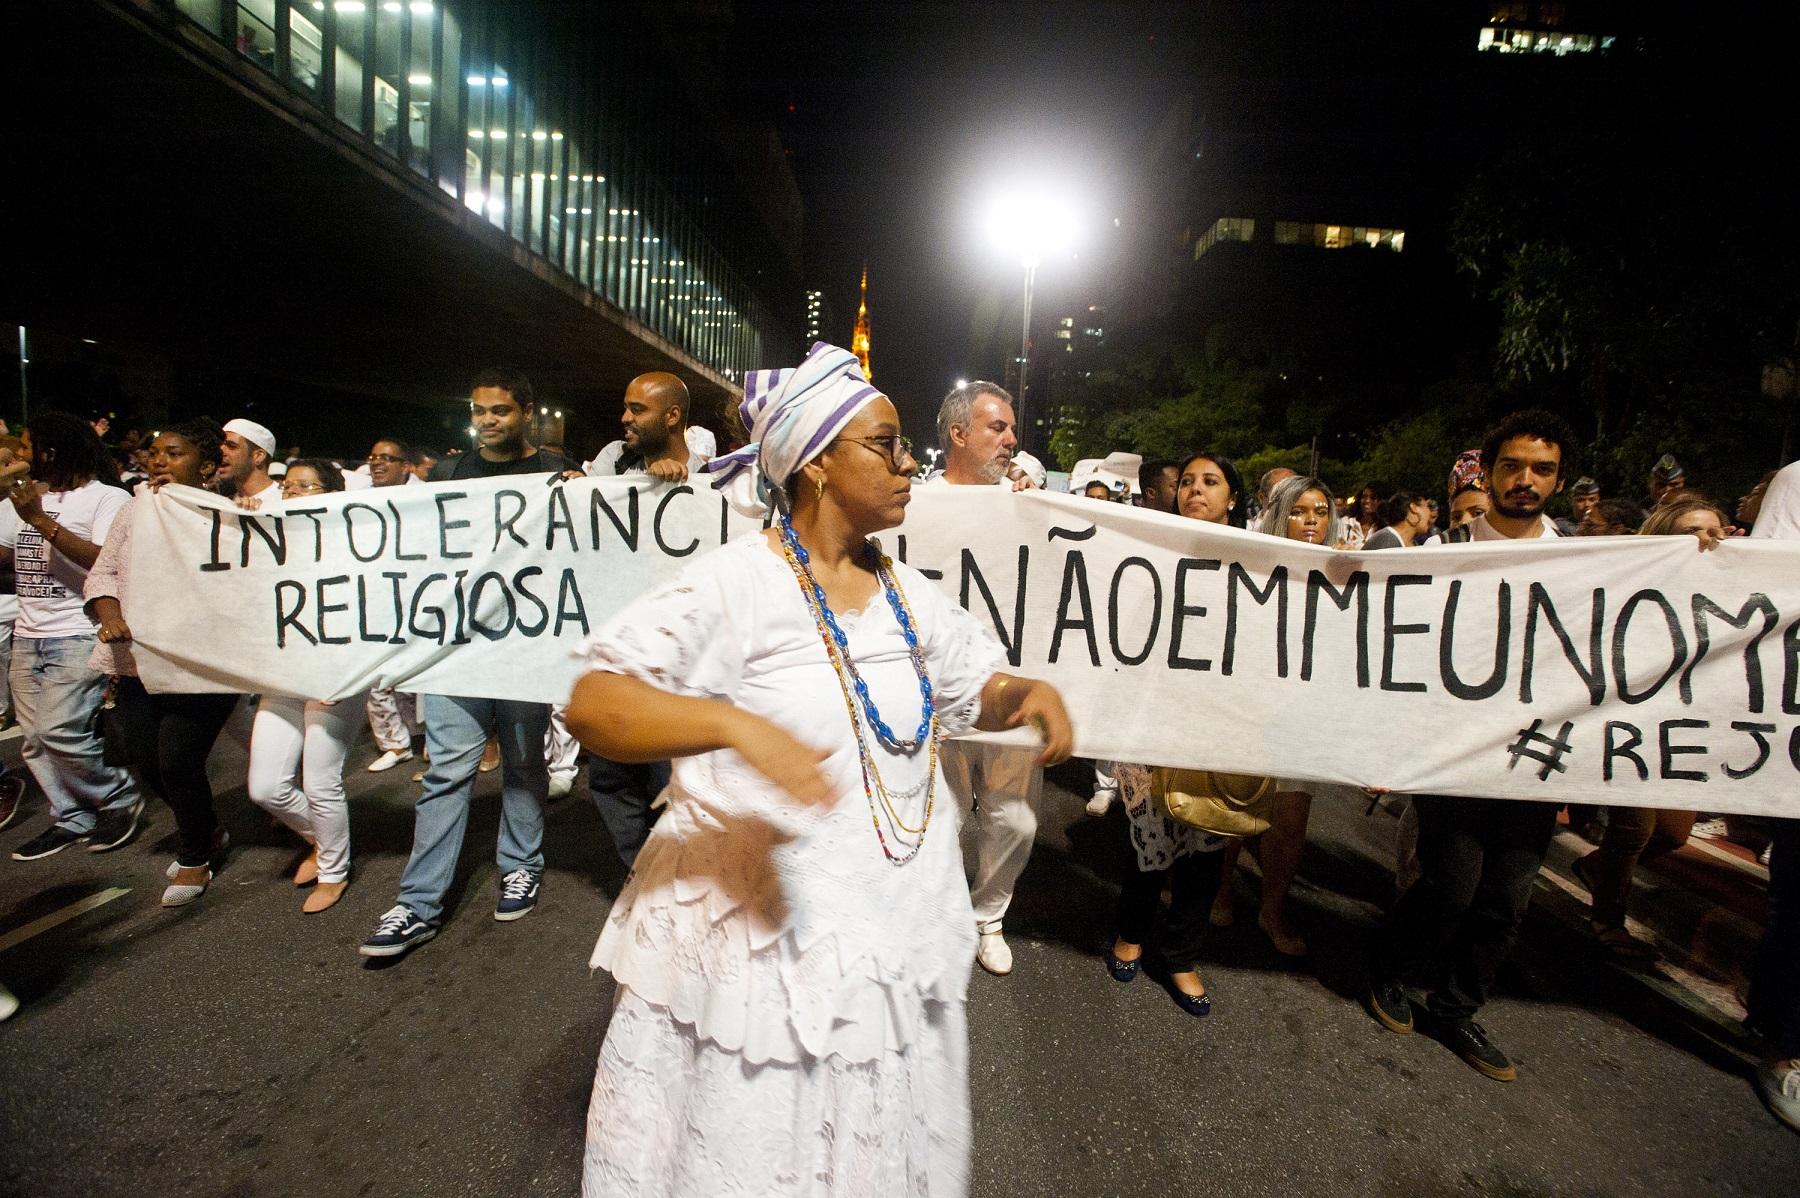 Grupos protestam na Avenida Paulista, em São Paulo, contra a intolerância religiosa. Foto Gabriel Soares/Brazil Photo Press